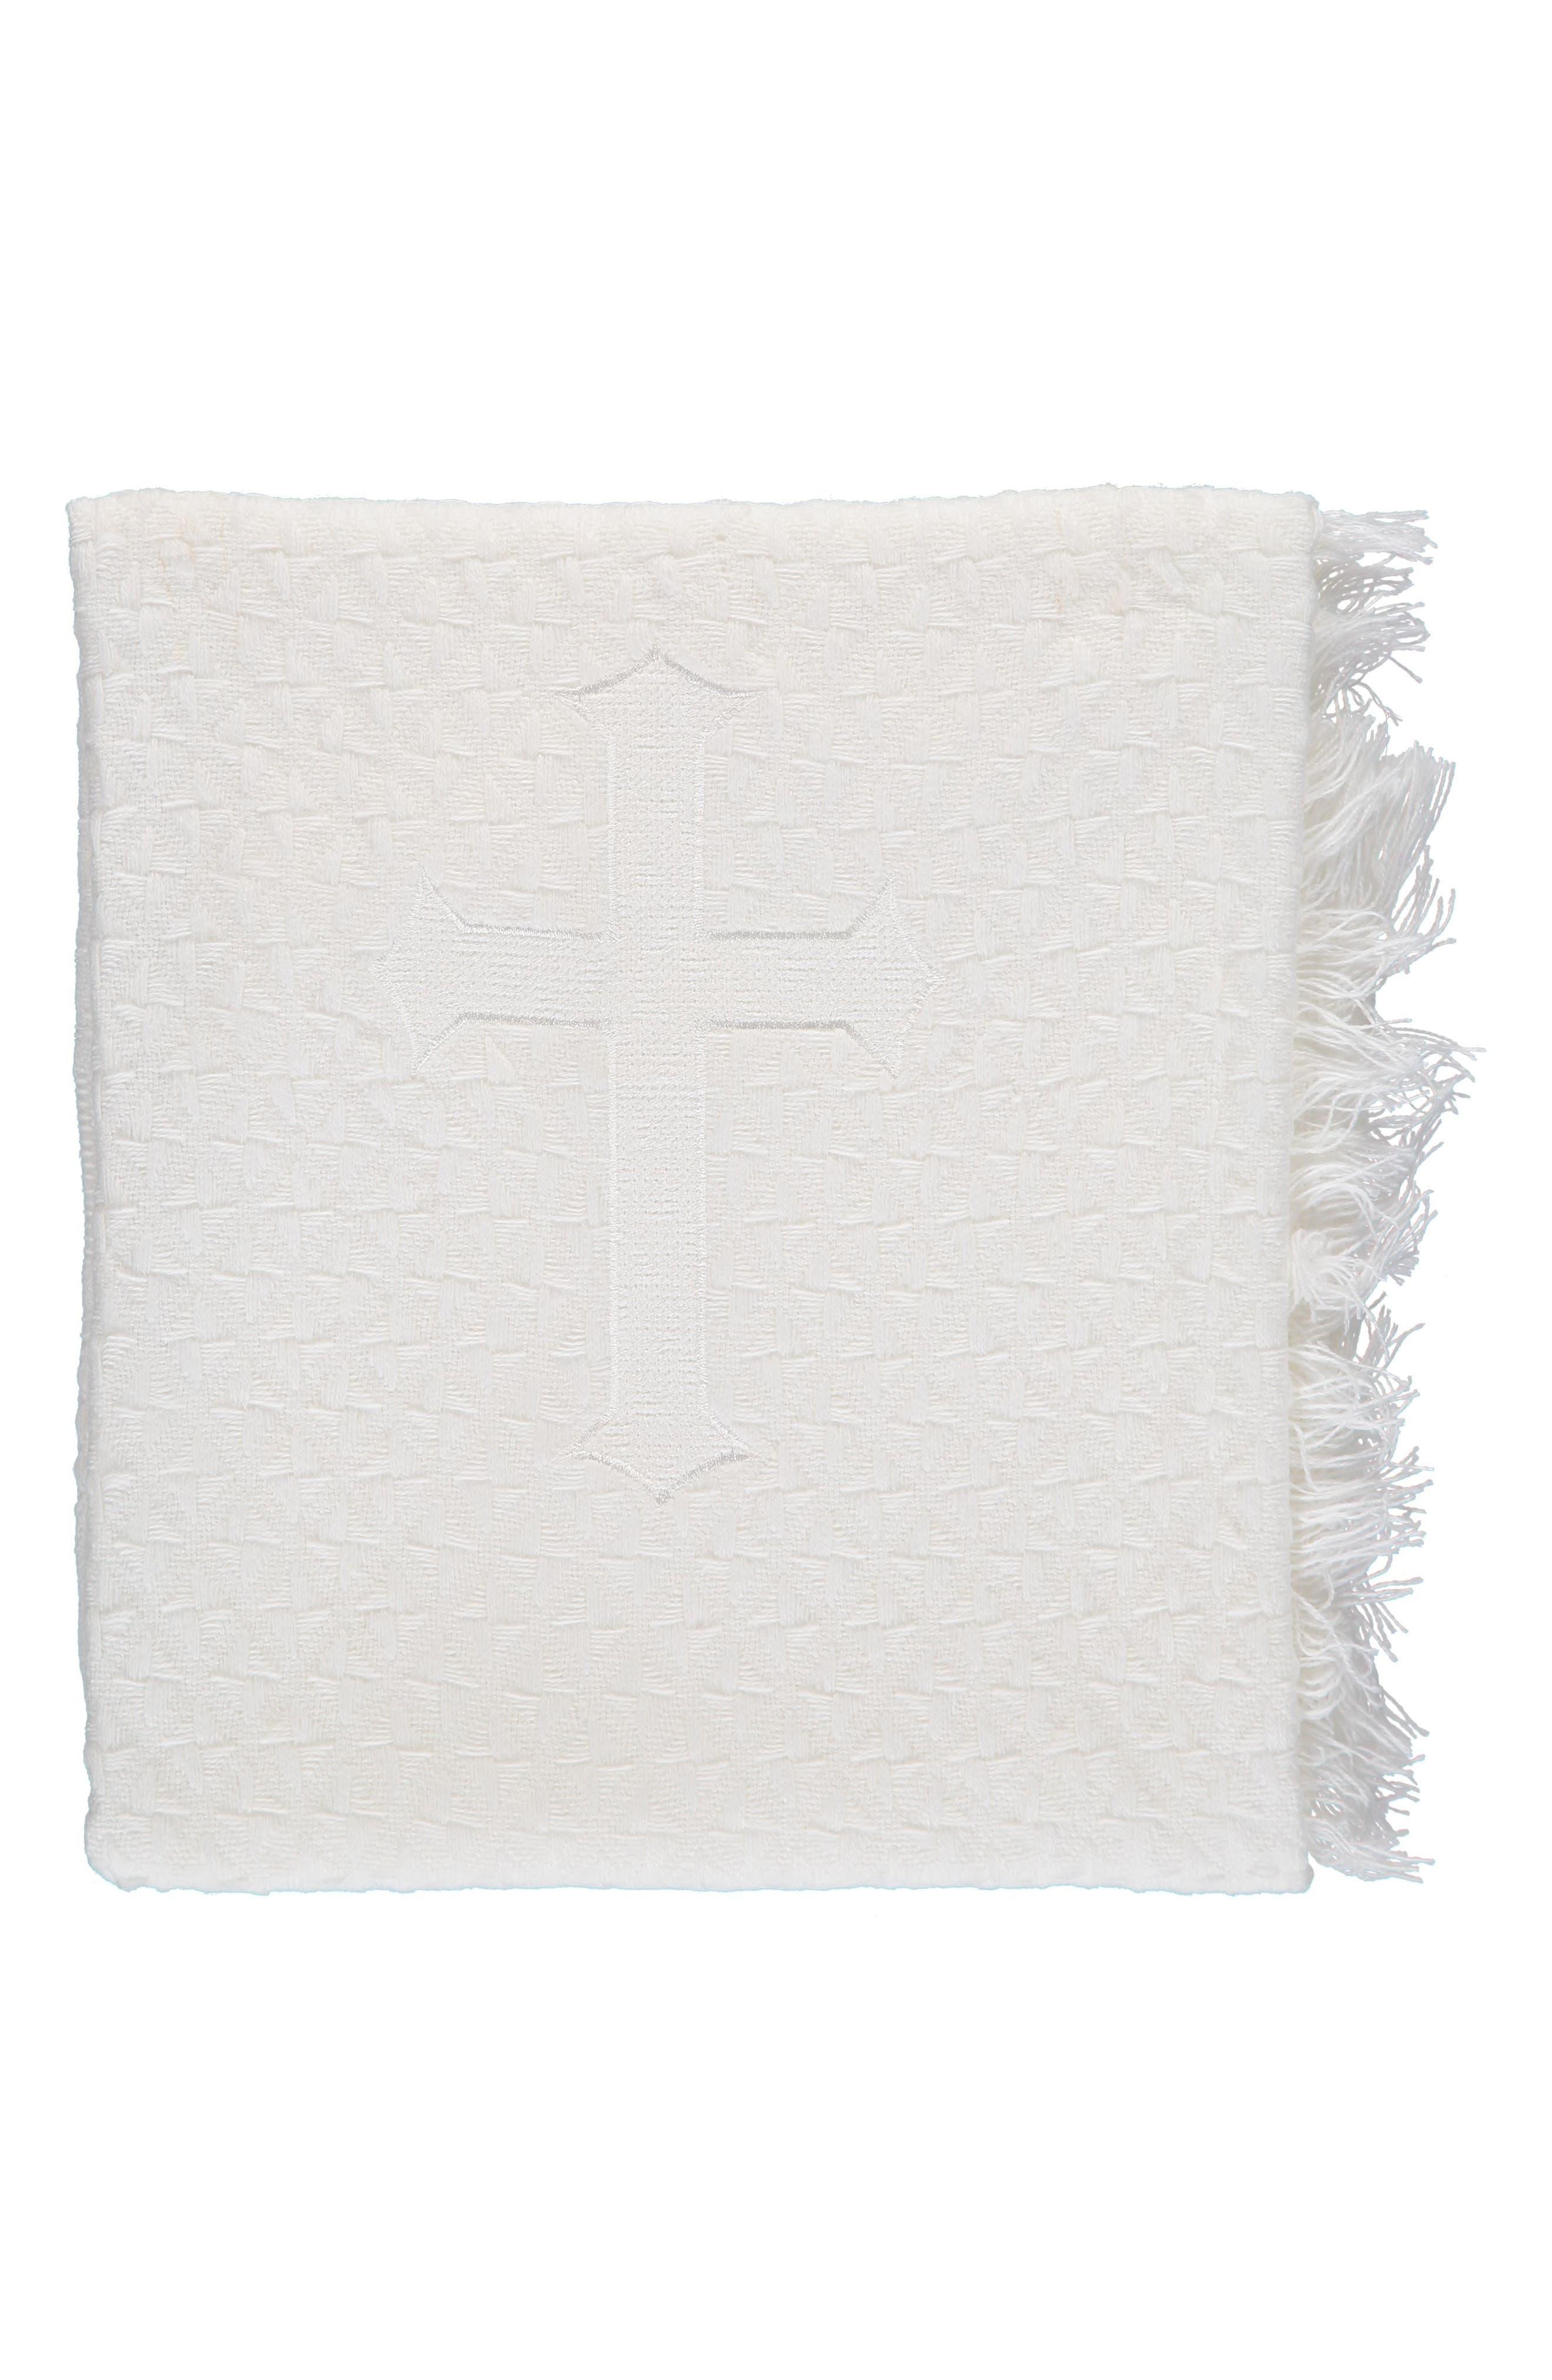 Christening Blanket,                             Main thumbnail 1, color,                             White